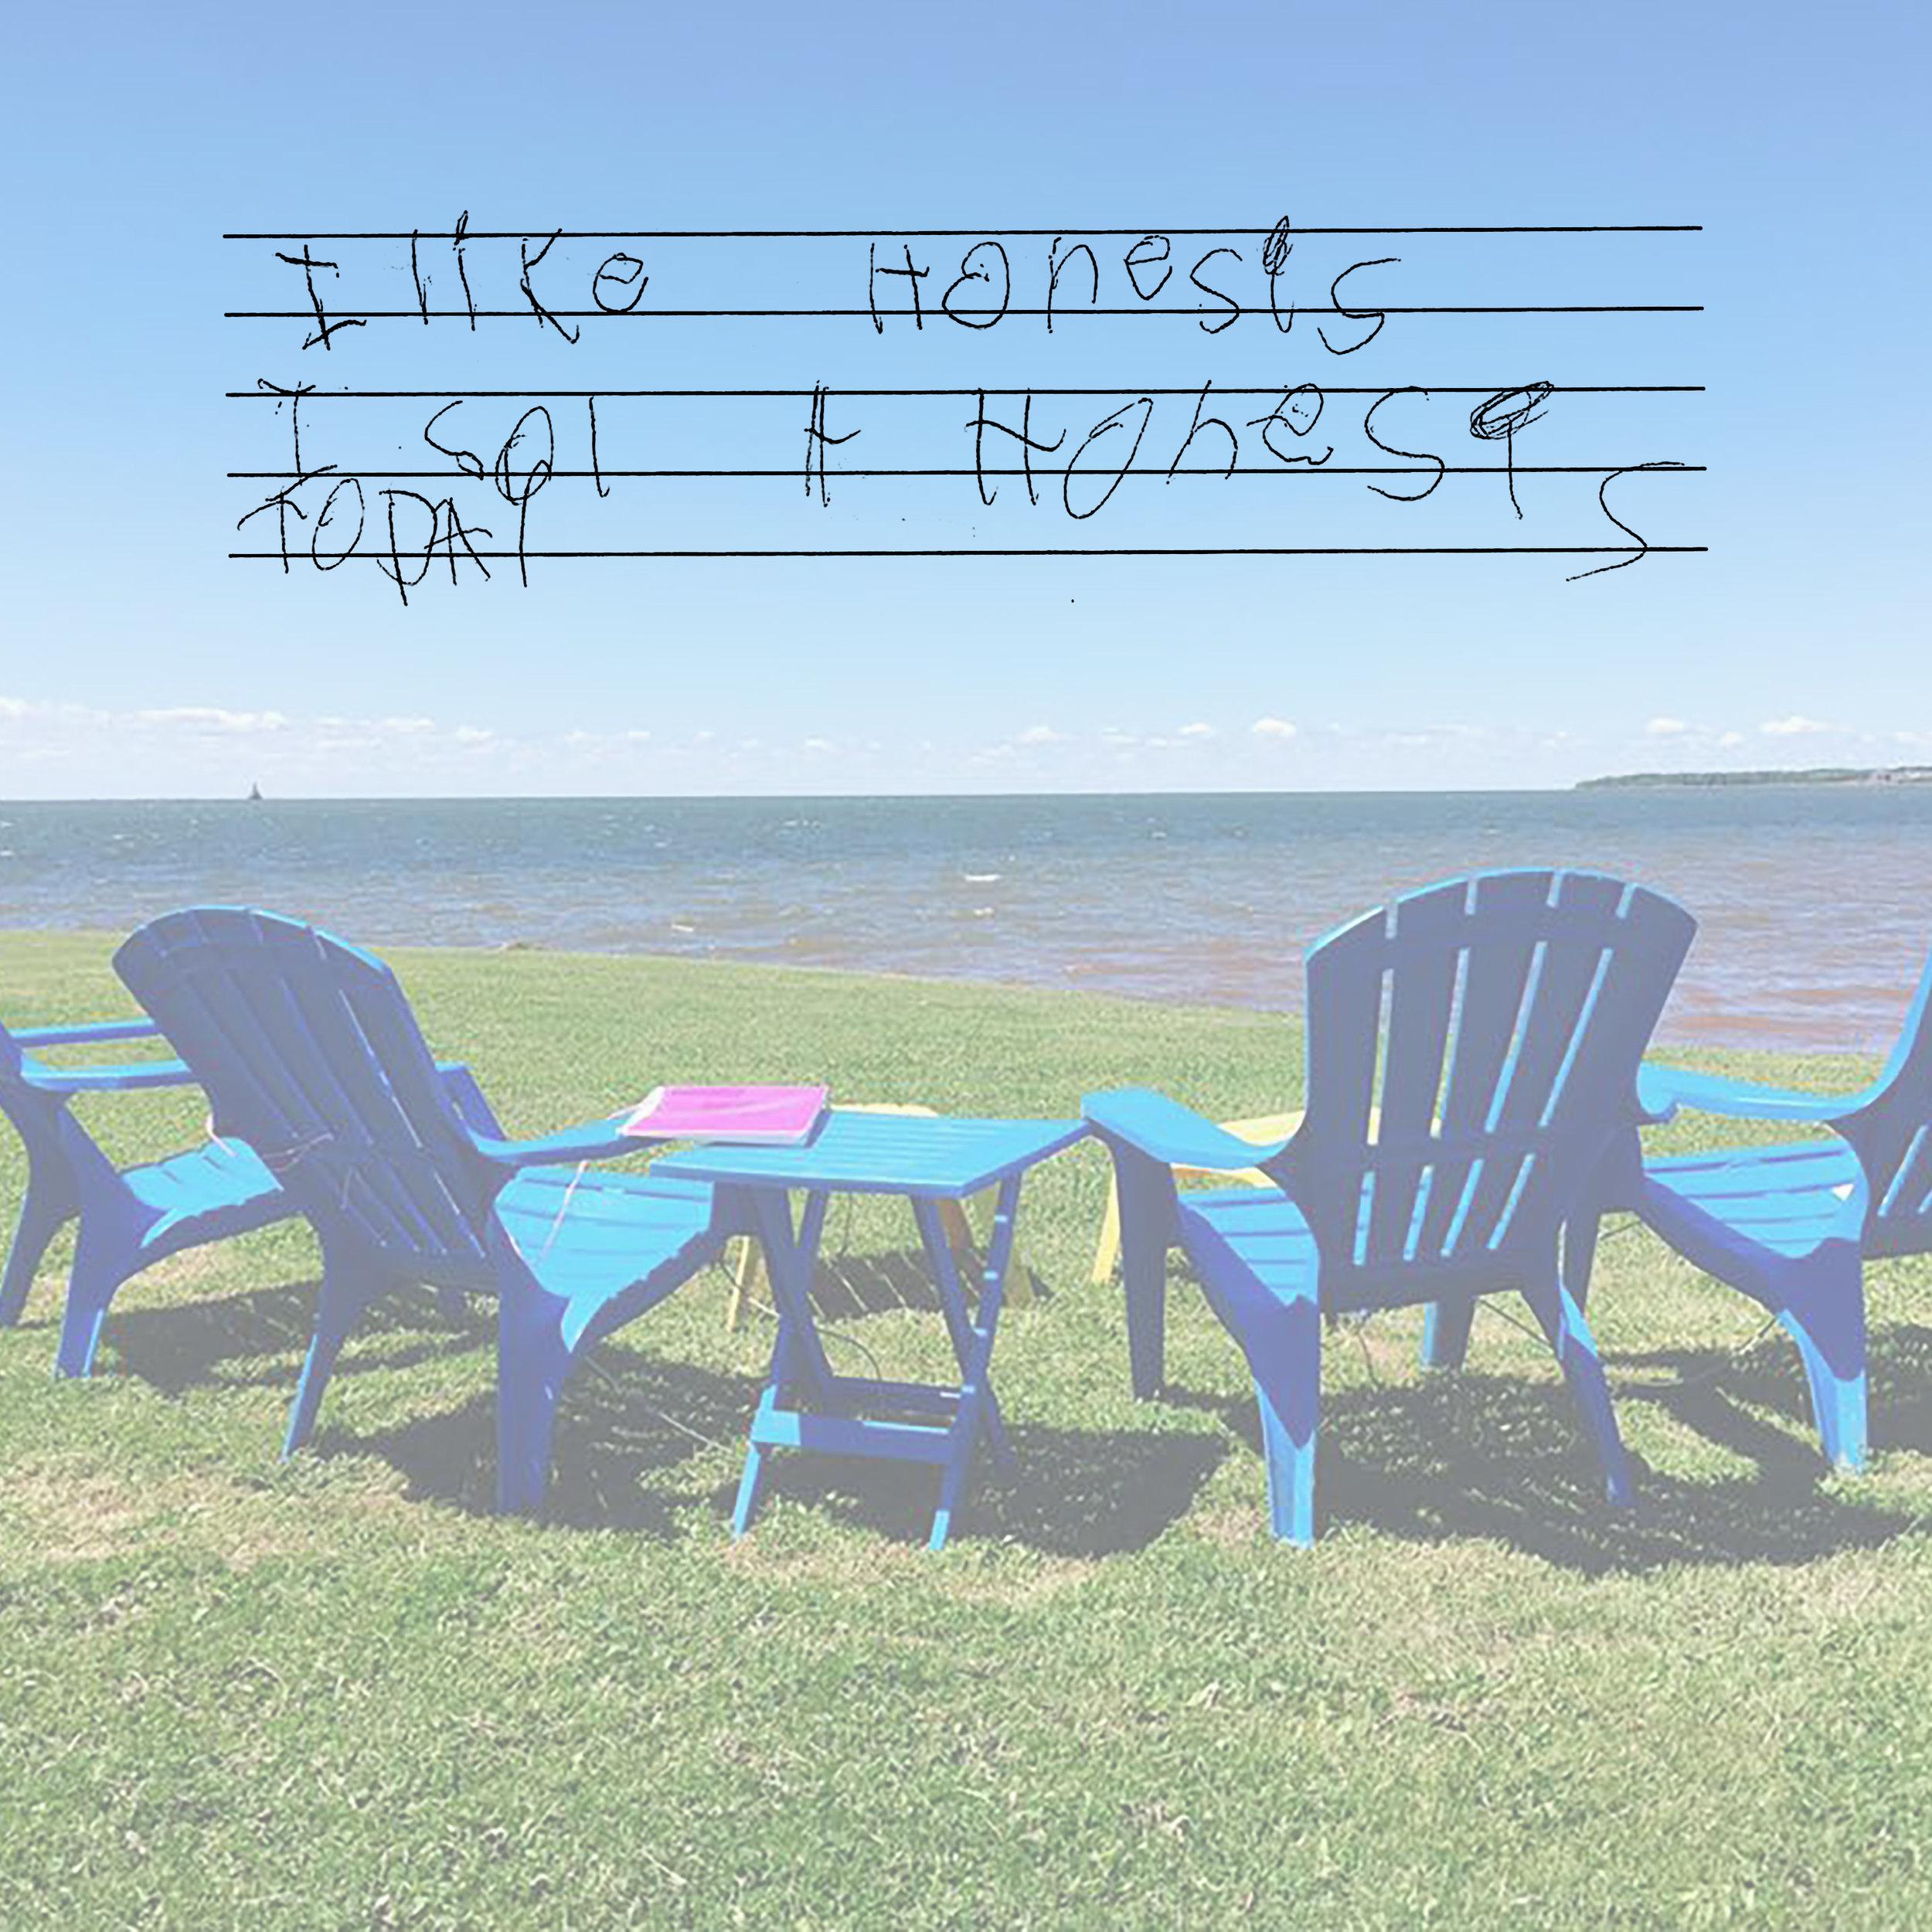 160627_Chairs 10.jpg